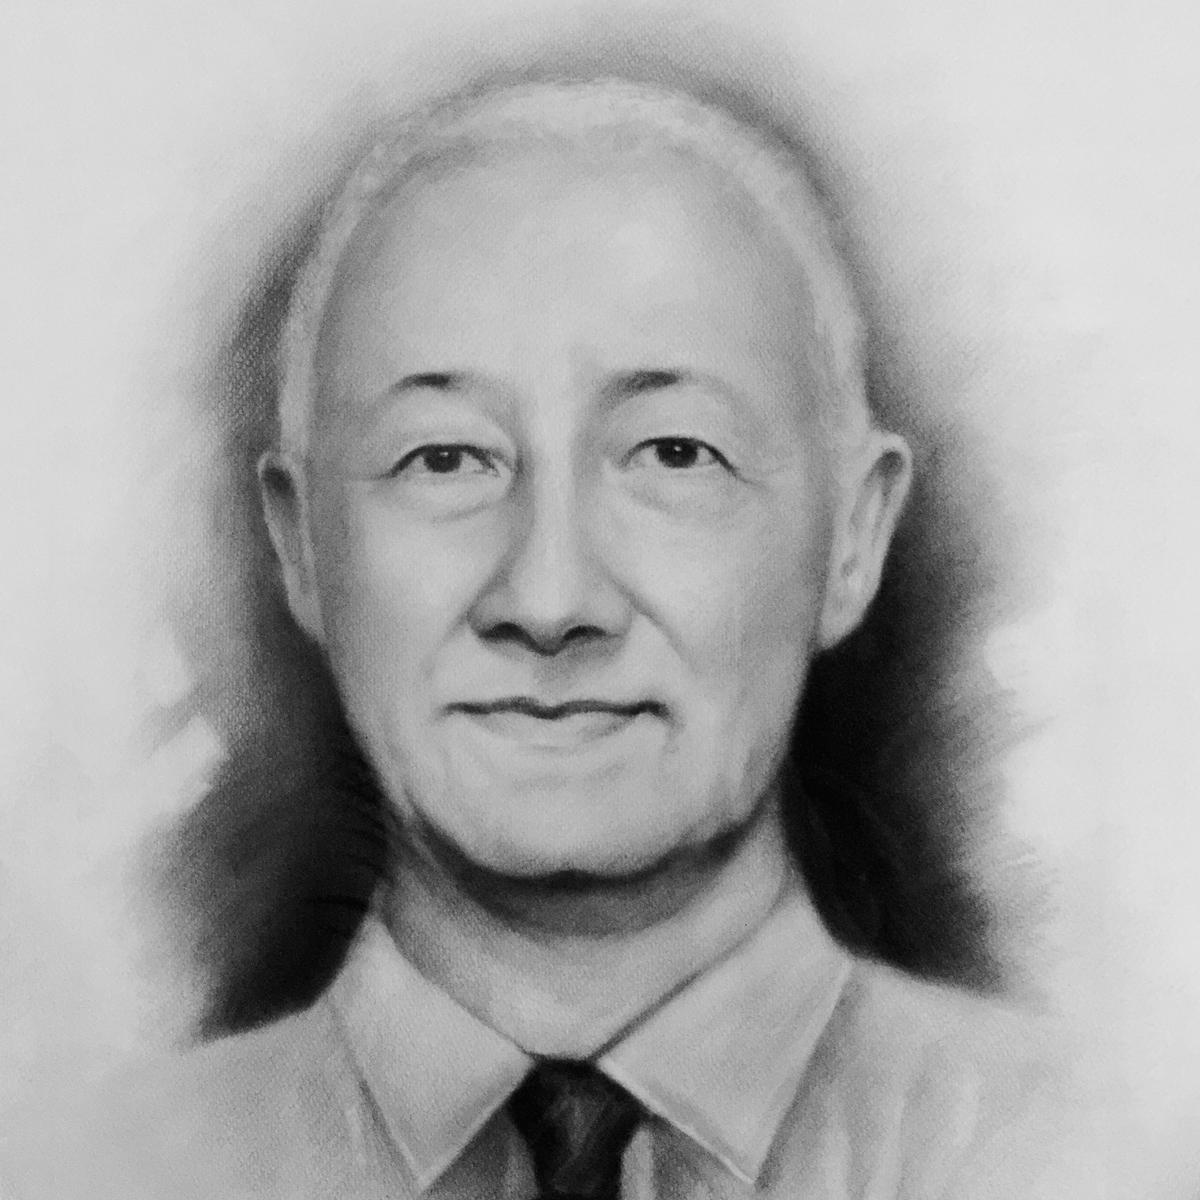 Salvador E. Sala